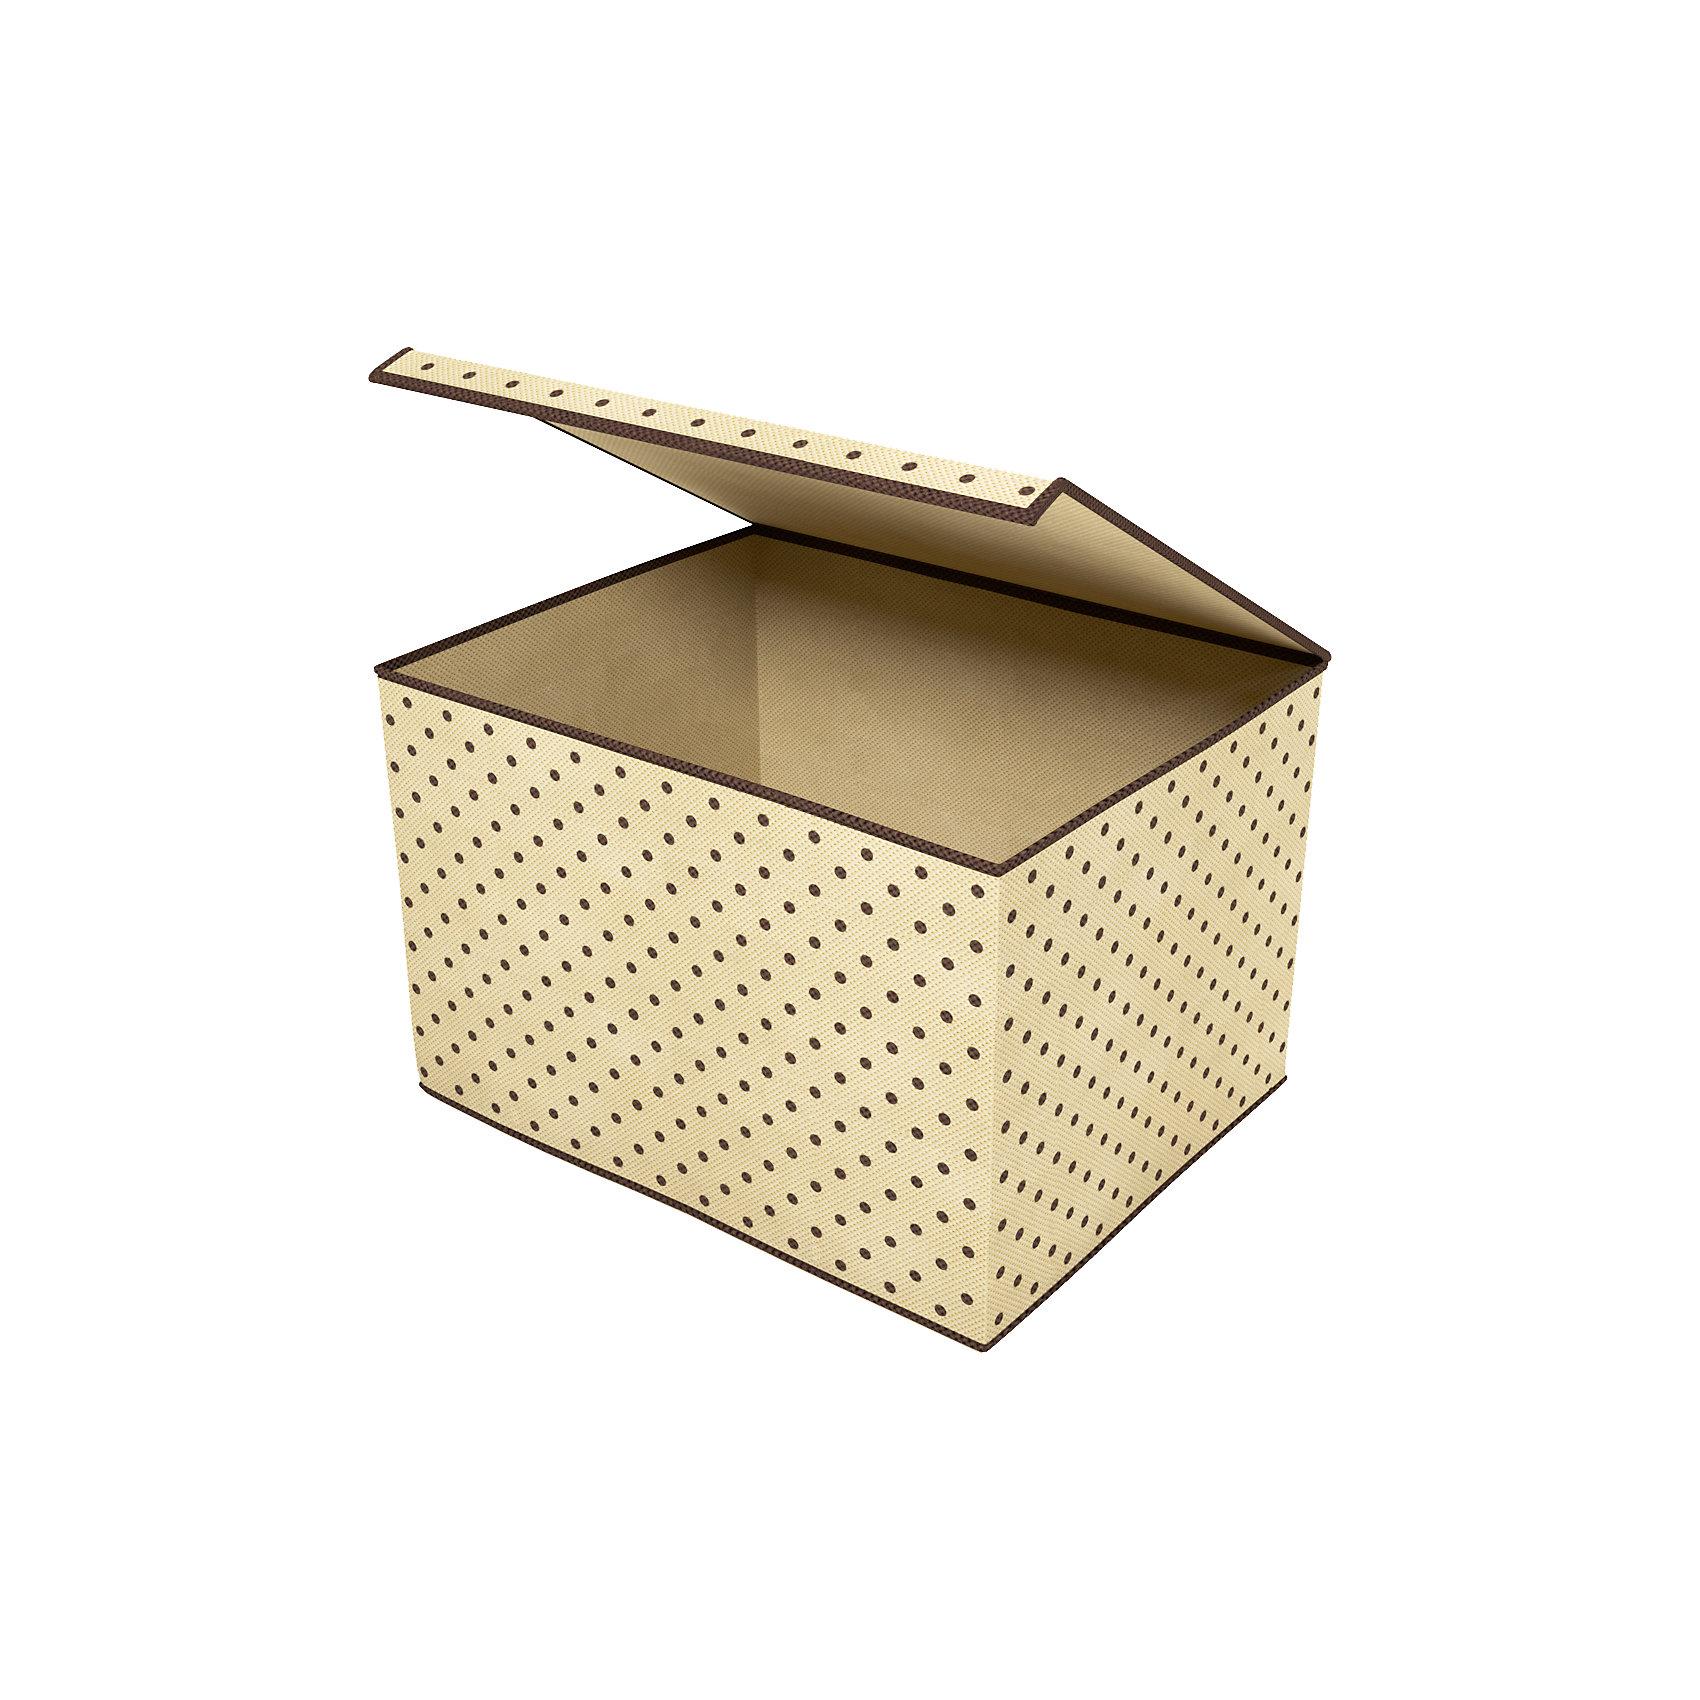 Коробка для хранения вещей с крышкой (38х25х30 см), HomsuПорядок в детской<br>Универсальная коробка для хранения вещей с крышкой. Идеально подходит для хранения одежды, полотенец и других домашних принадлежностей. Выполнена в классическом дизайне, благодаря чему гармонично впишется в любой интерьер.<br><br>Ширина мм: 380<br>Глубина мм: 300<br>Высота мм: 20<br>Вес г: 300<br>Возраст от месяцев: 216<br>Возраст до месяцев: 1188<br>Пол: Унисекс<br>Возраст: Детский<br>SKU: 5620092